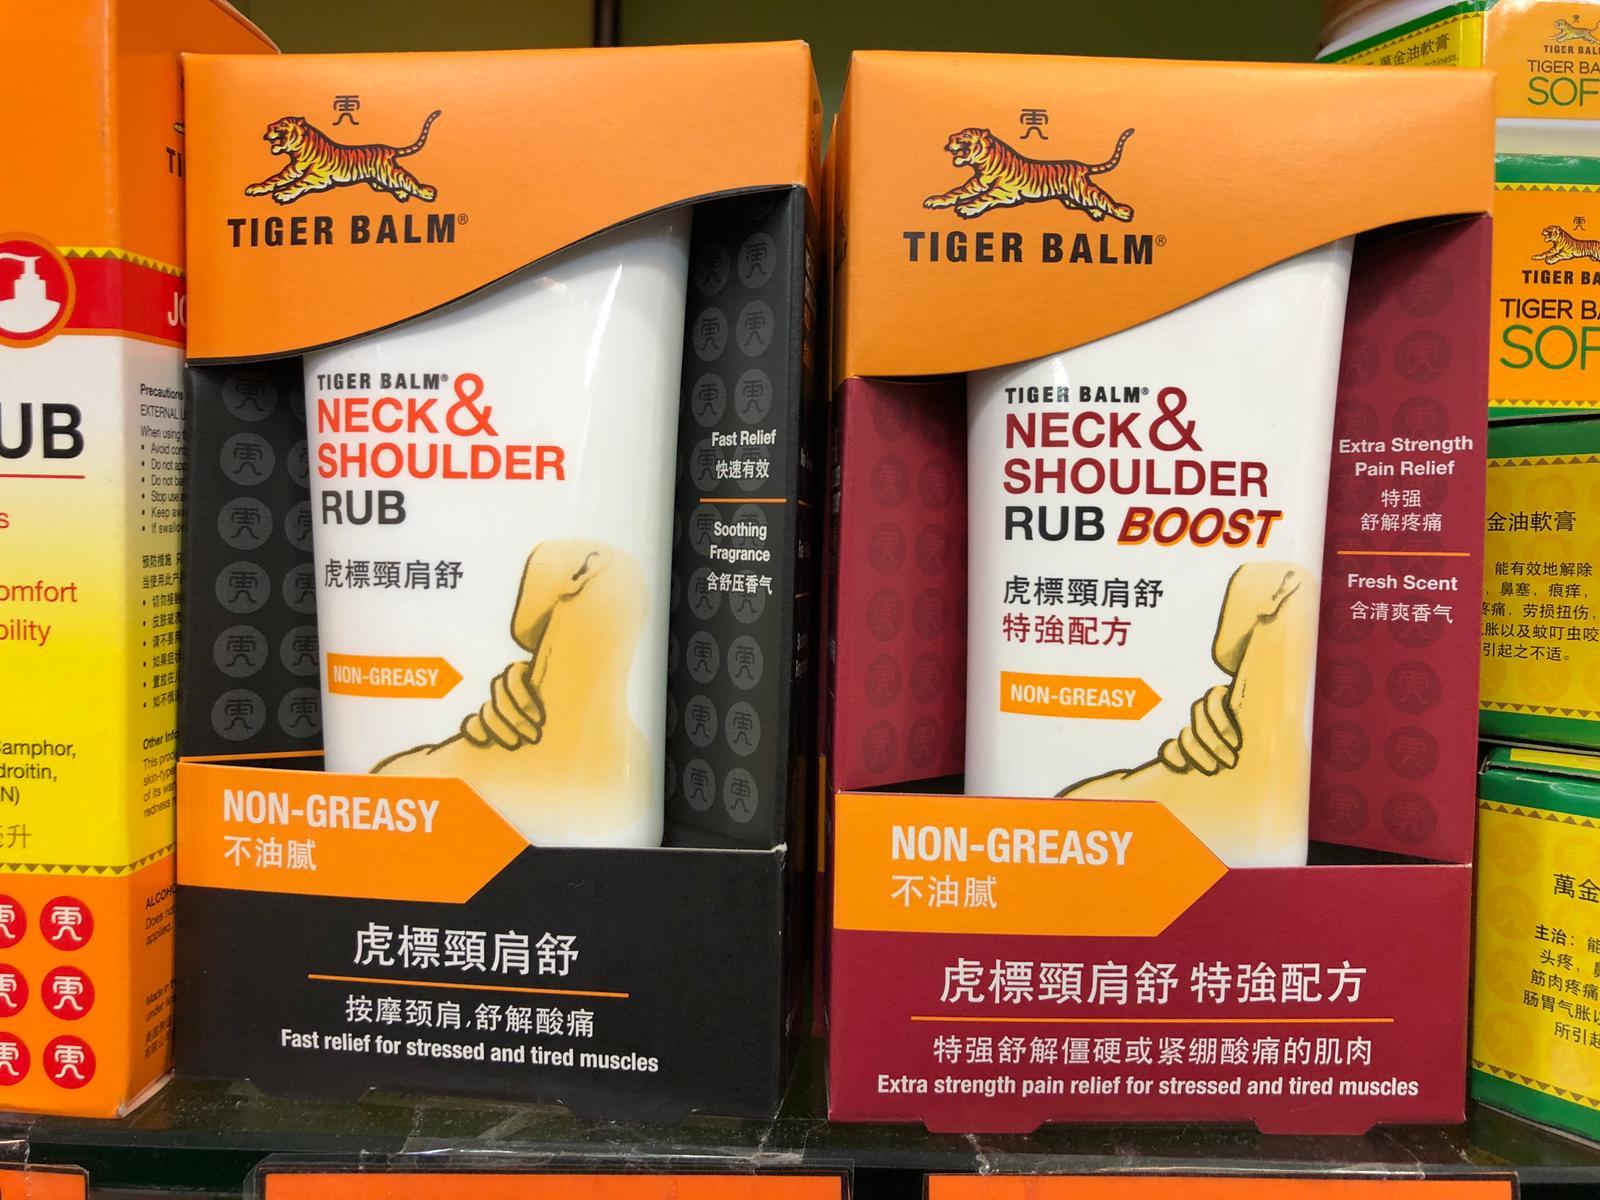 Tiger Balm Baume Blanc Pot de 30 g de Baume du Tigre Le baume du tigre blanc en massage pectoral pour soulager les voies respiratoires. En application sur les tempes et le front pour atténuer les tensions. Pour les sportifs, après l'effort pour une meilleure récupération en massage sur les muscles sollicités. Récupération par le froid. Camphre et huiles essentielles naturelles. Je préfère acheter mon baume du tigre en pharmacie en Andorre, c'est pour moi une exigence et l'assurance d'avoir un produit propre sain et conforme à sa fabrication originelle. Je me méfie des contrefaçons et des ventes par correspondance faites par des sites dont la visibilité commerciale n'est pas très forte. Mon pharmacien en Andorre Pharmacie de les Pistes c'est mon conseiller il est là pour me garantir la qualité et l'efficience du baume du tigre qu'il me propose. Le prix est donc justifié, c'est mon avis